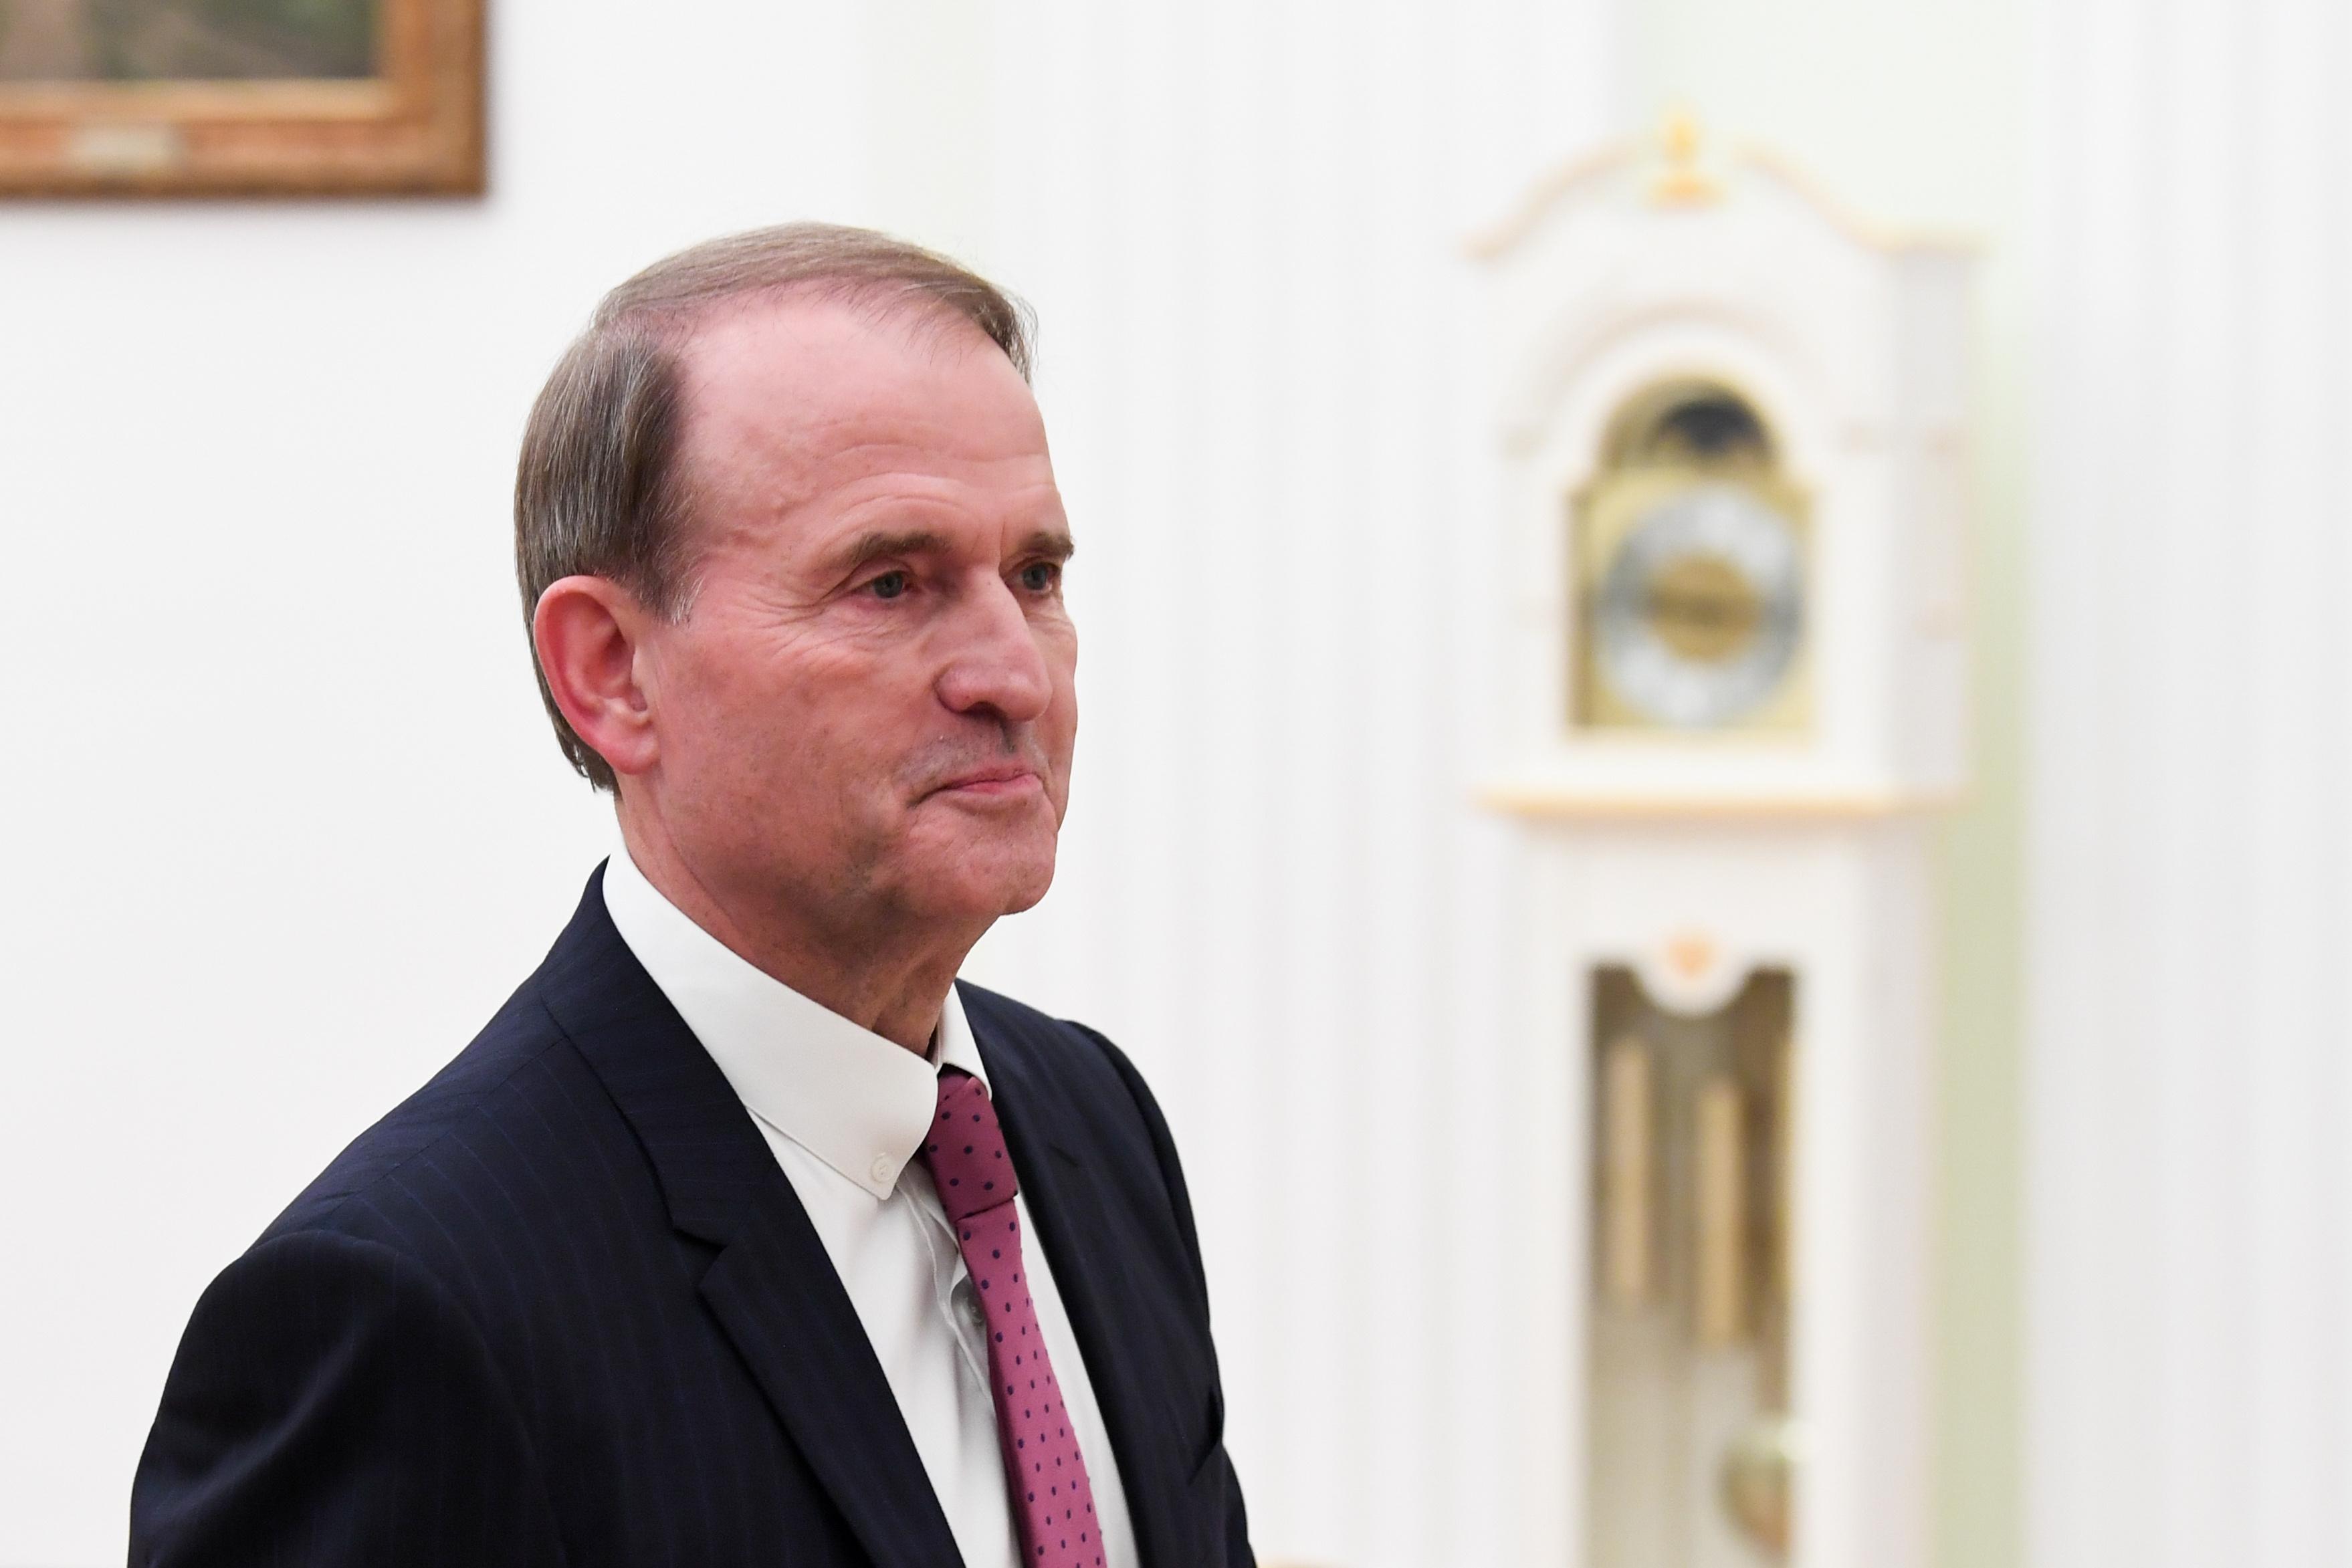 Медведчук обратился в ЕСПЧ из-за политического преследования Киевом